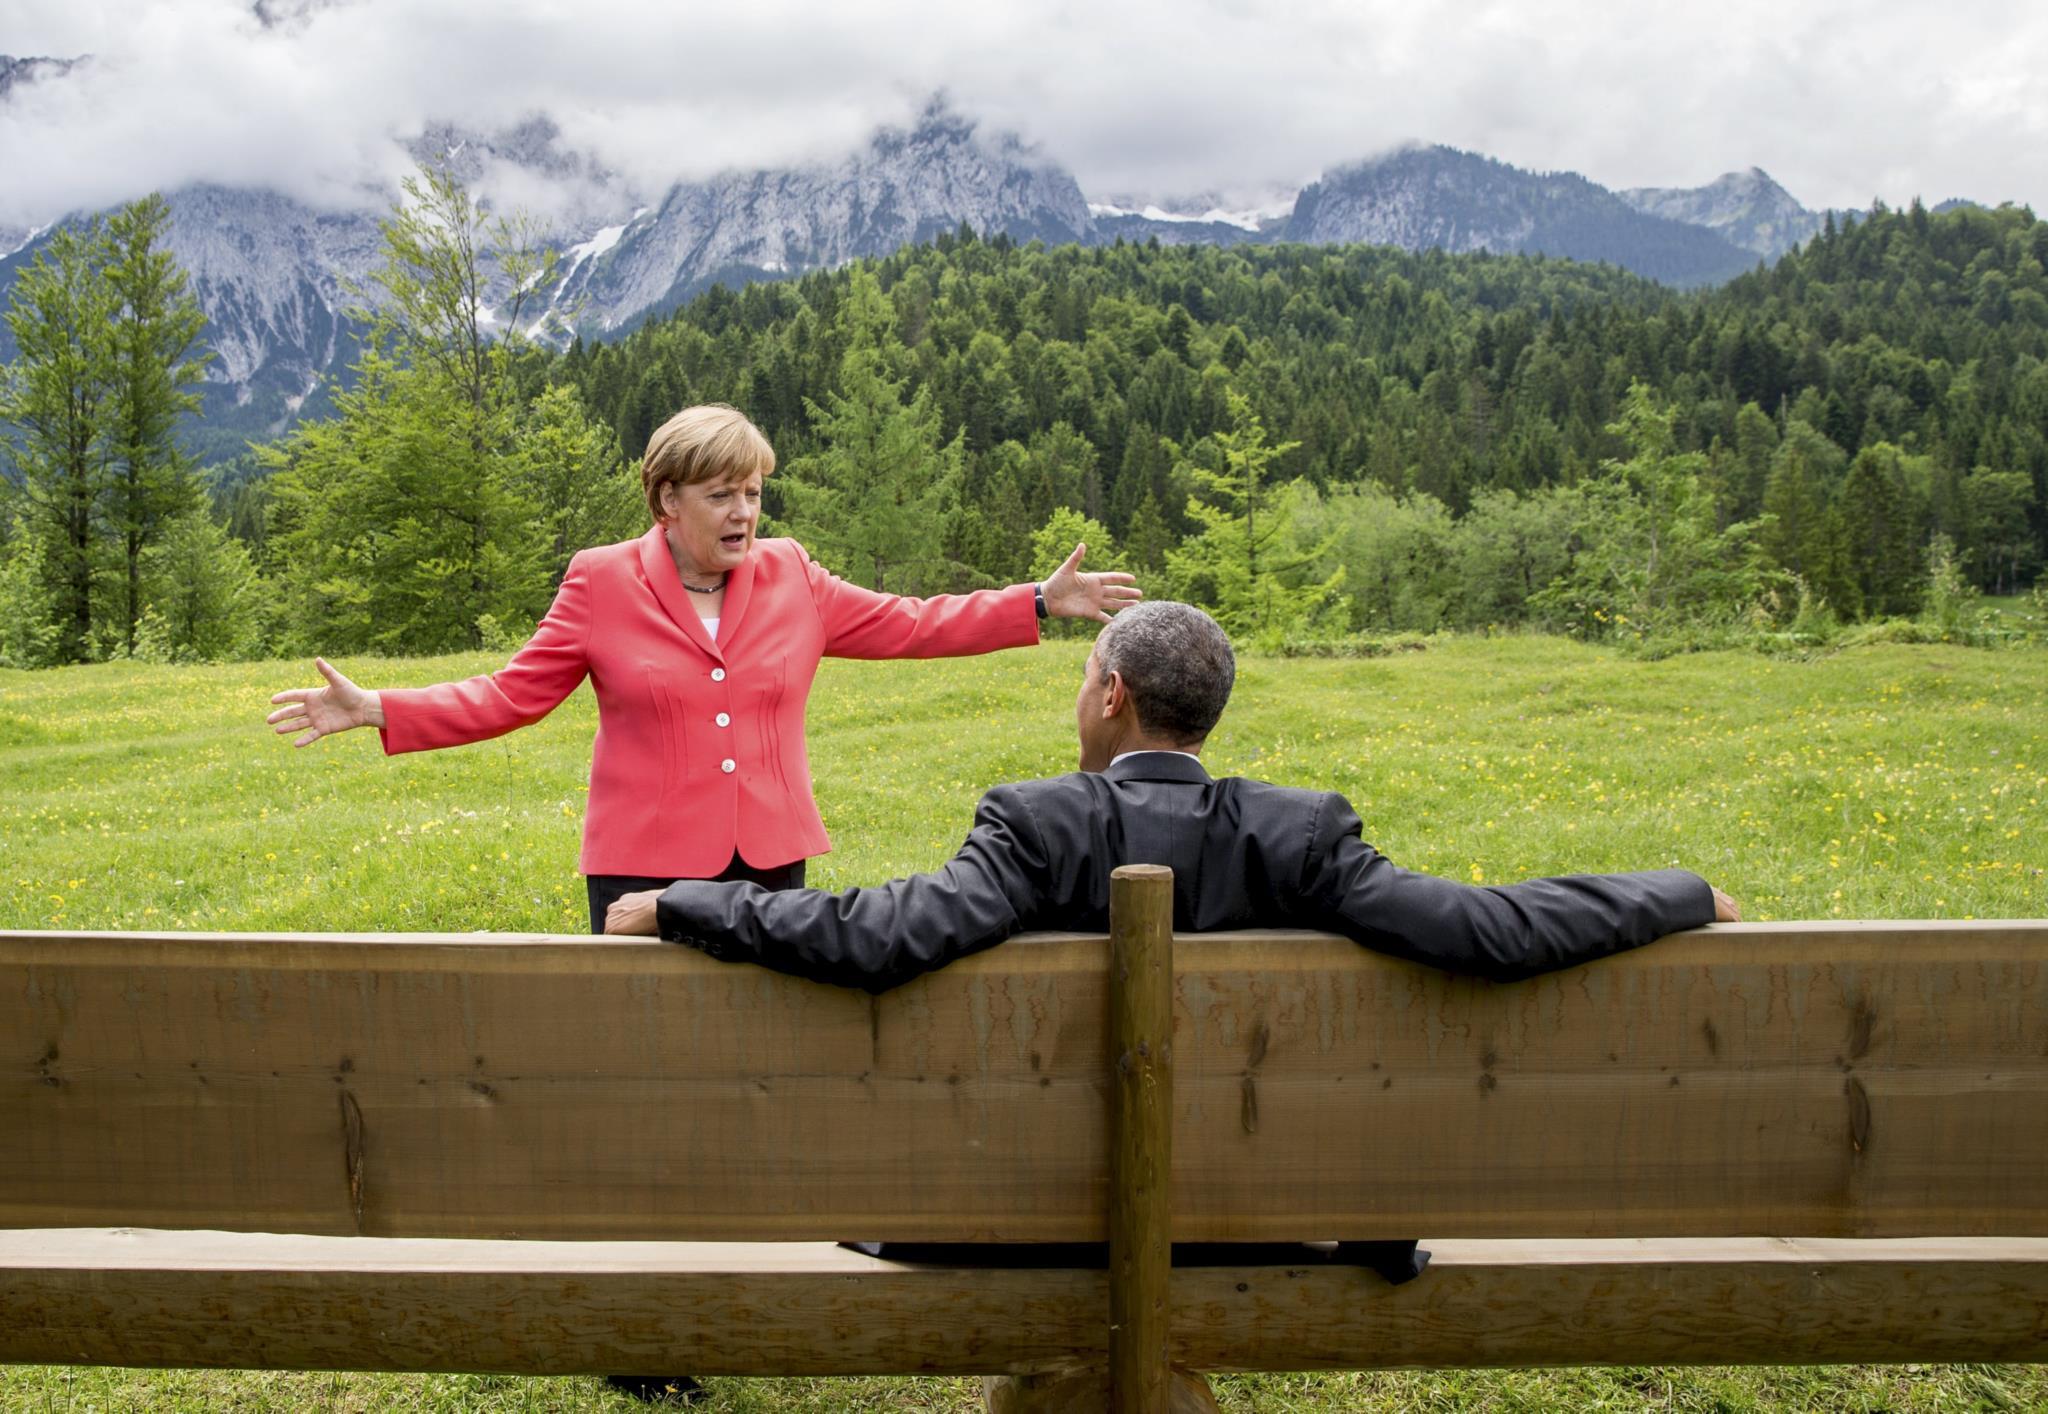 A chanceler alemã Angela Merkel conversa com Barack Obama nos jardins do castelo de Elmau, Alemanha, depois de uma sessão da cimeira do G7